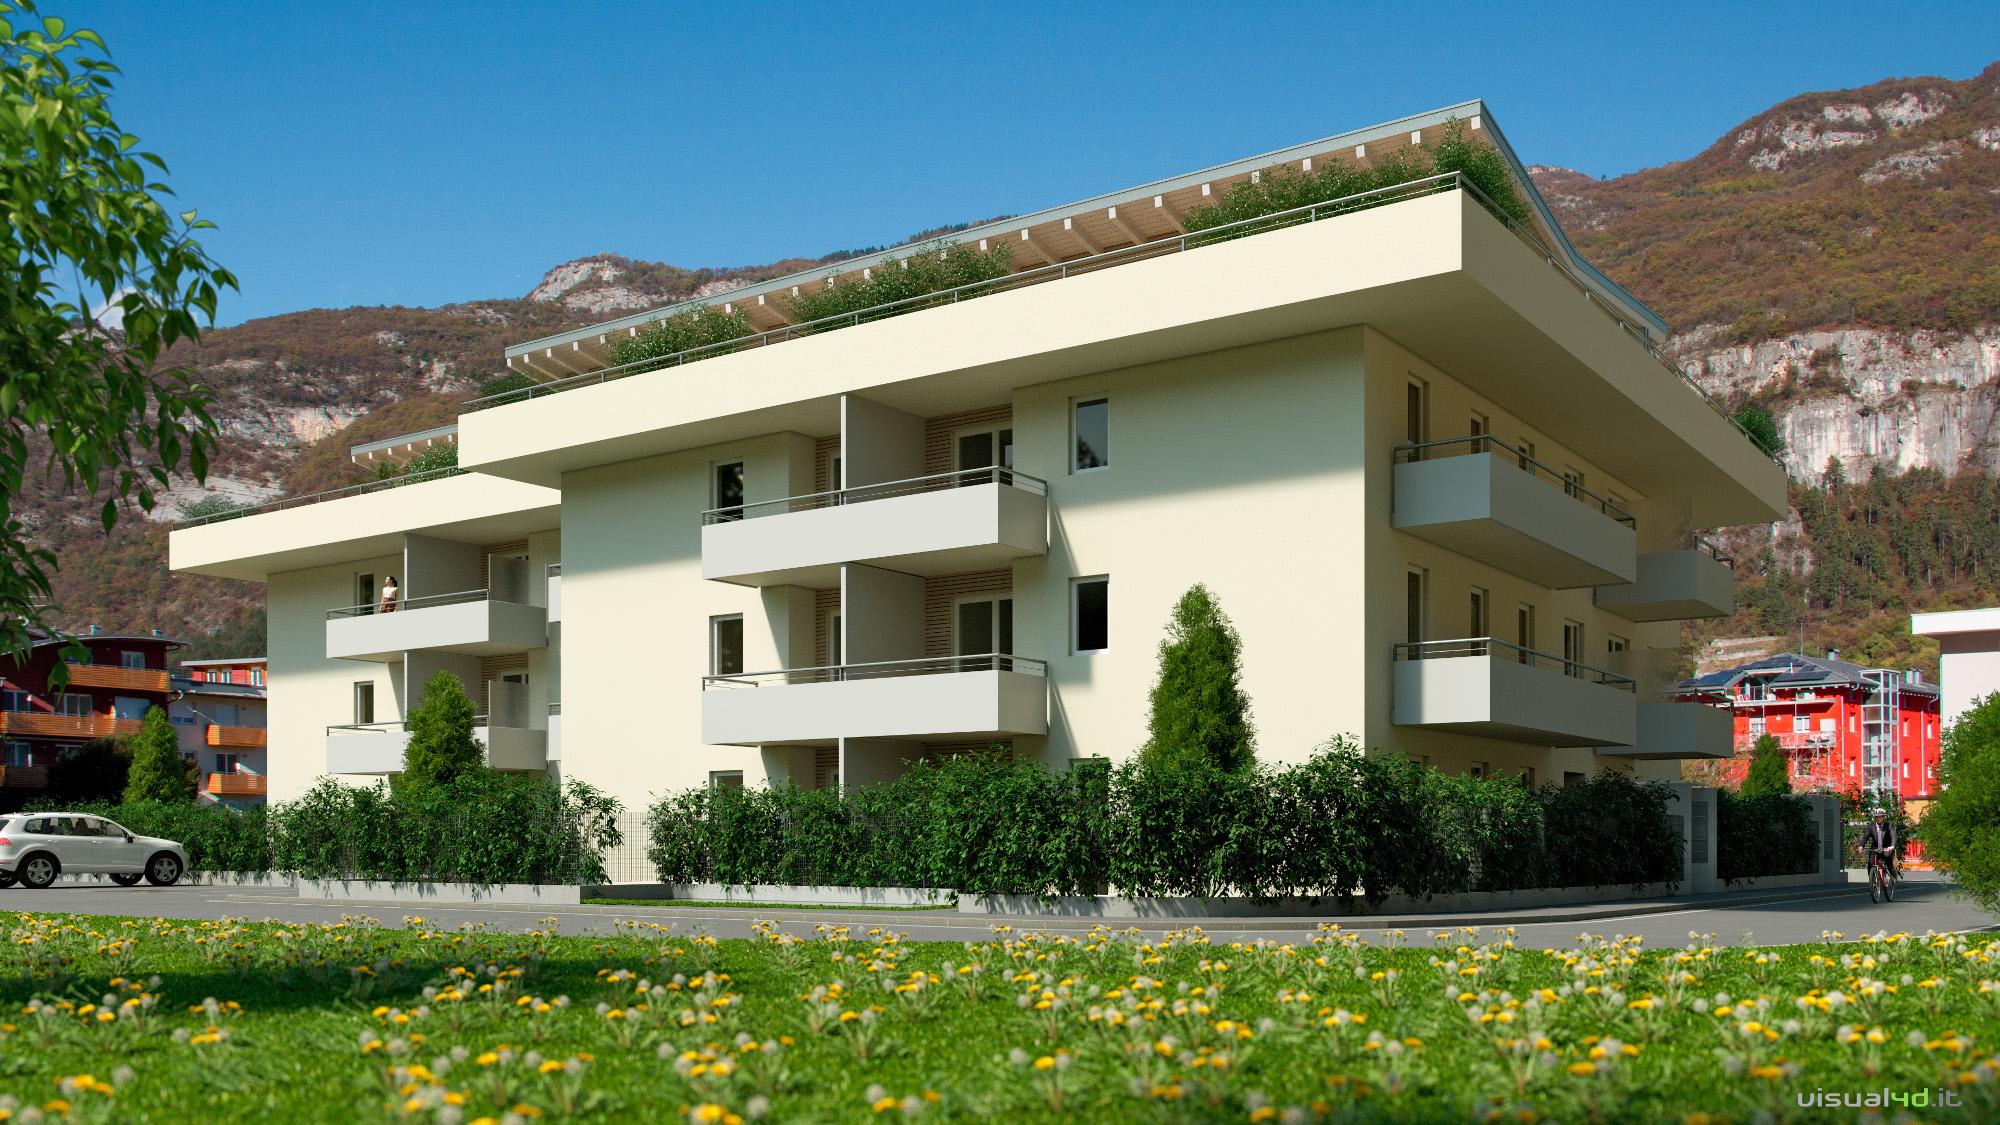 Appartamento D15 – Residenza Mori2 | Mori, Via del Garda